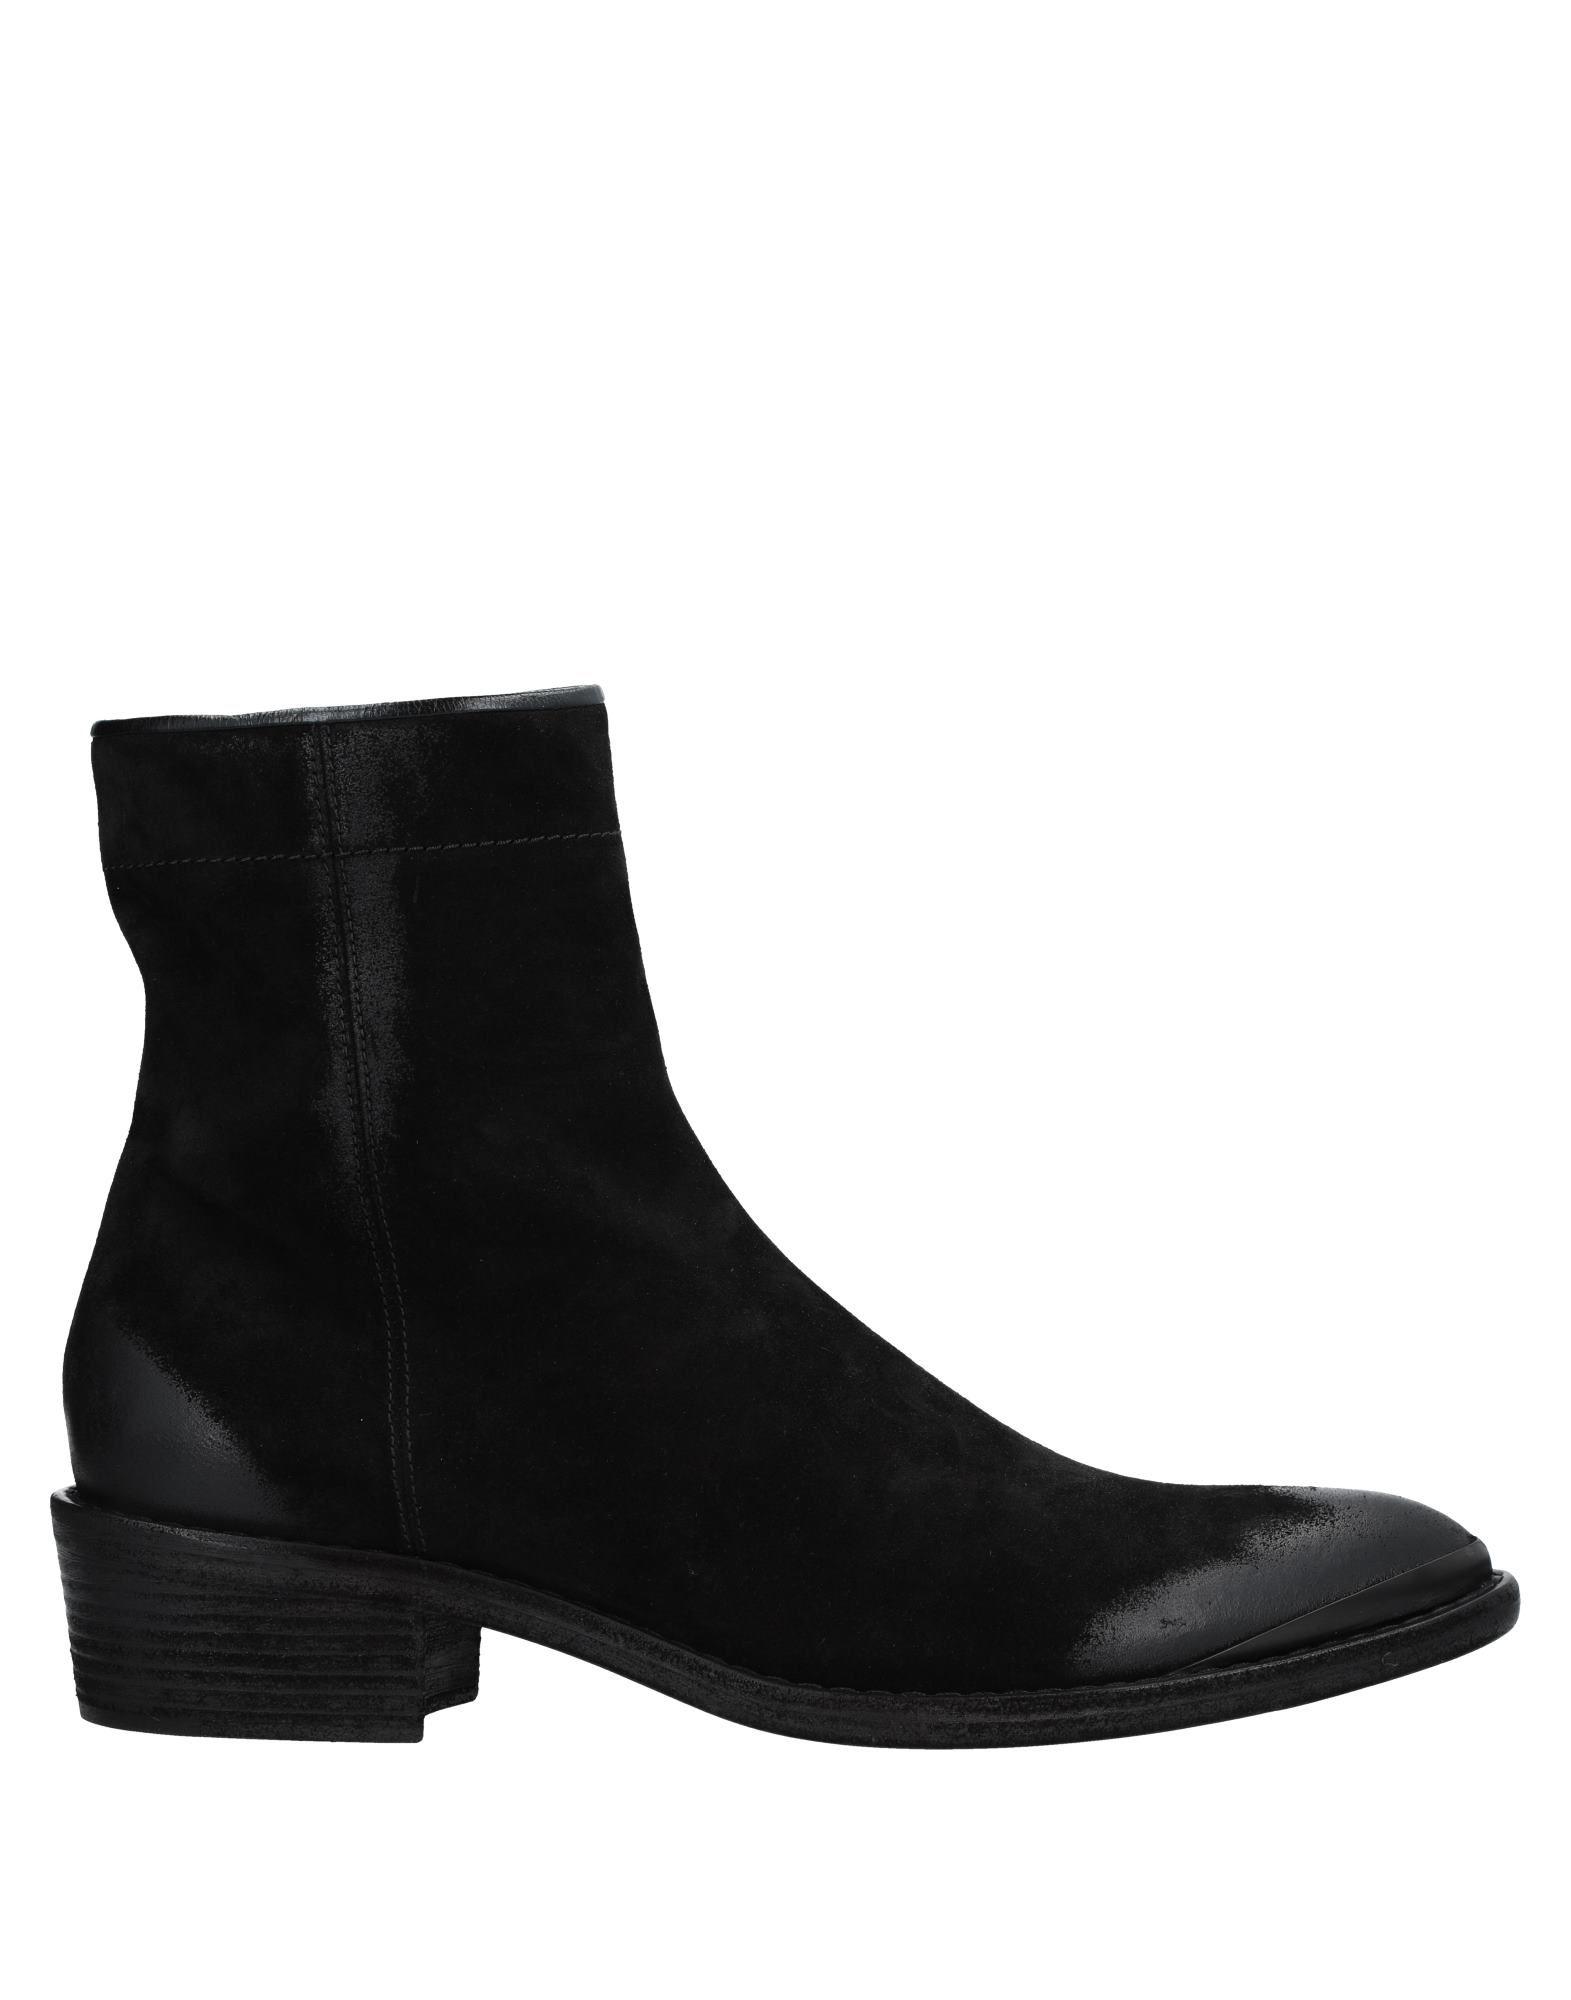 Haider Ackermann Stiefelette Herren  11531128IW Neue Schuhe